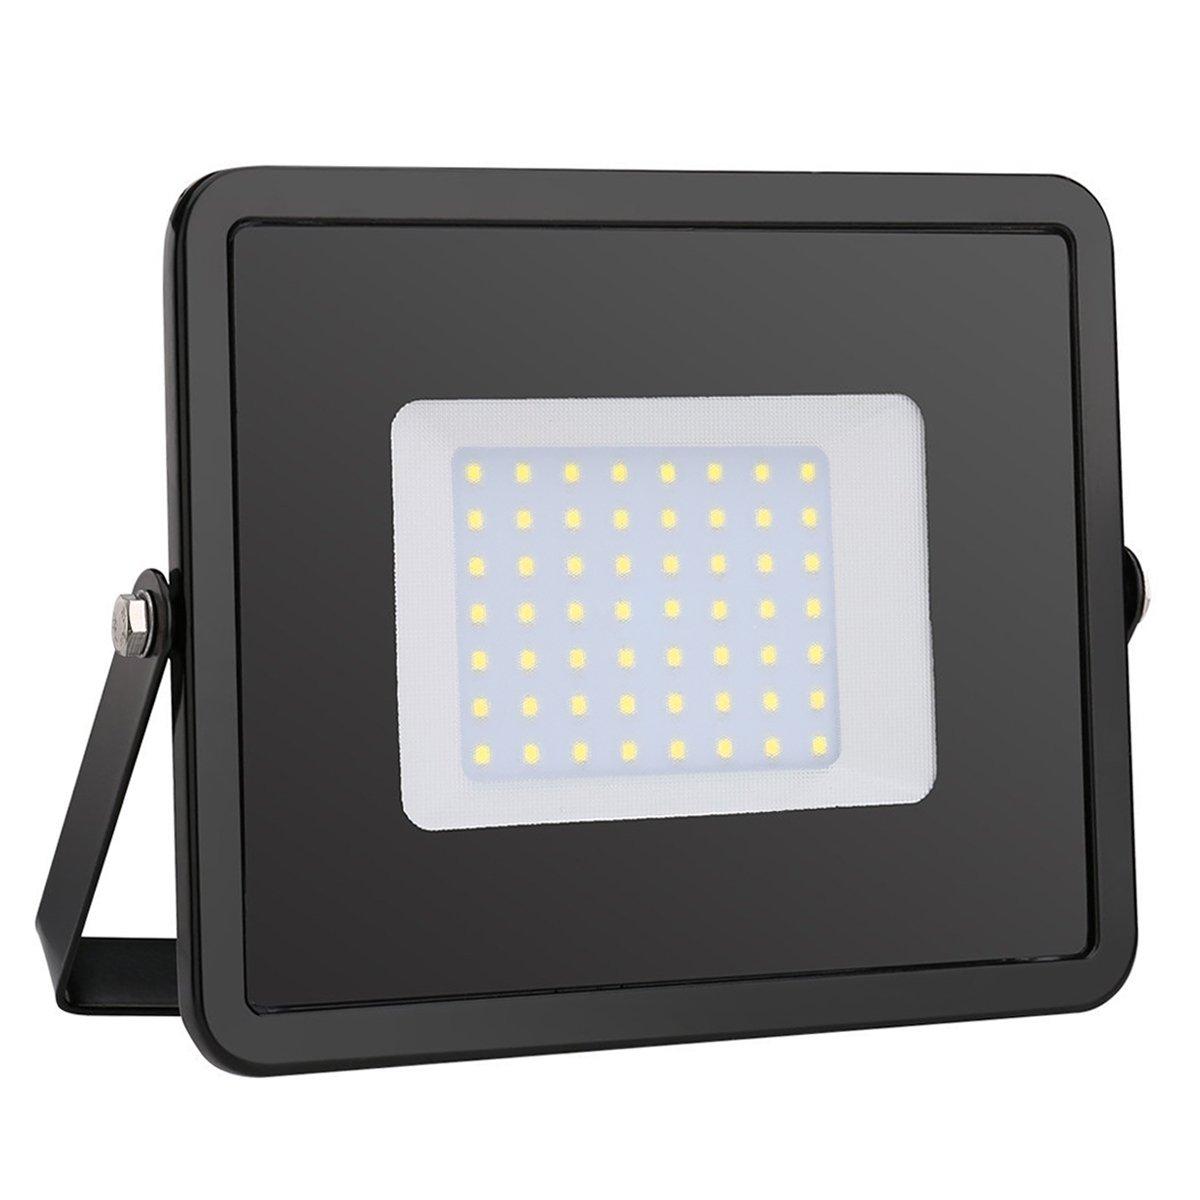 Lighting EVER LE 10W LED Fluter ersetzt 100W Halogenlampe 800lm Warmweiß IP65 wasserdicht LED Außenleuchten Flutlicht Flutlichtstrahler Strahler Scheinwerfer [Energieklasse A+]